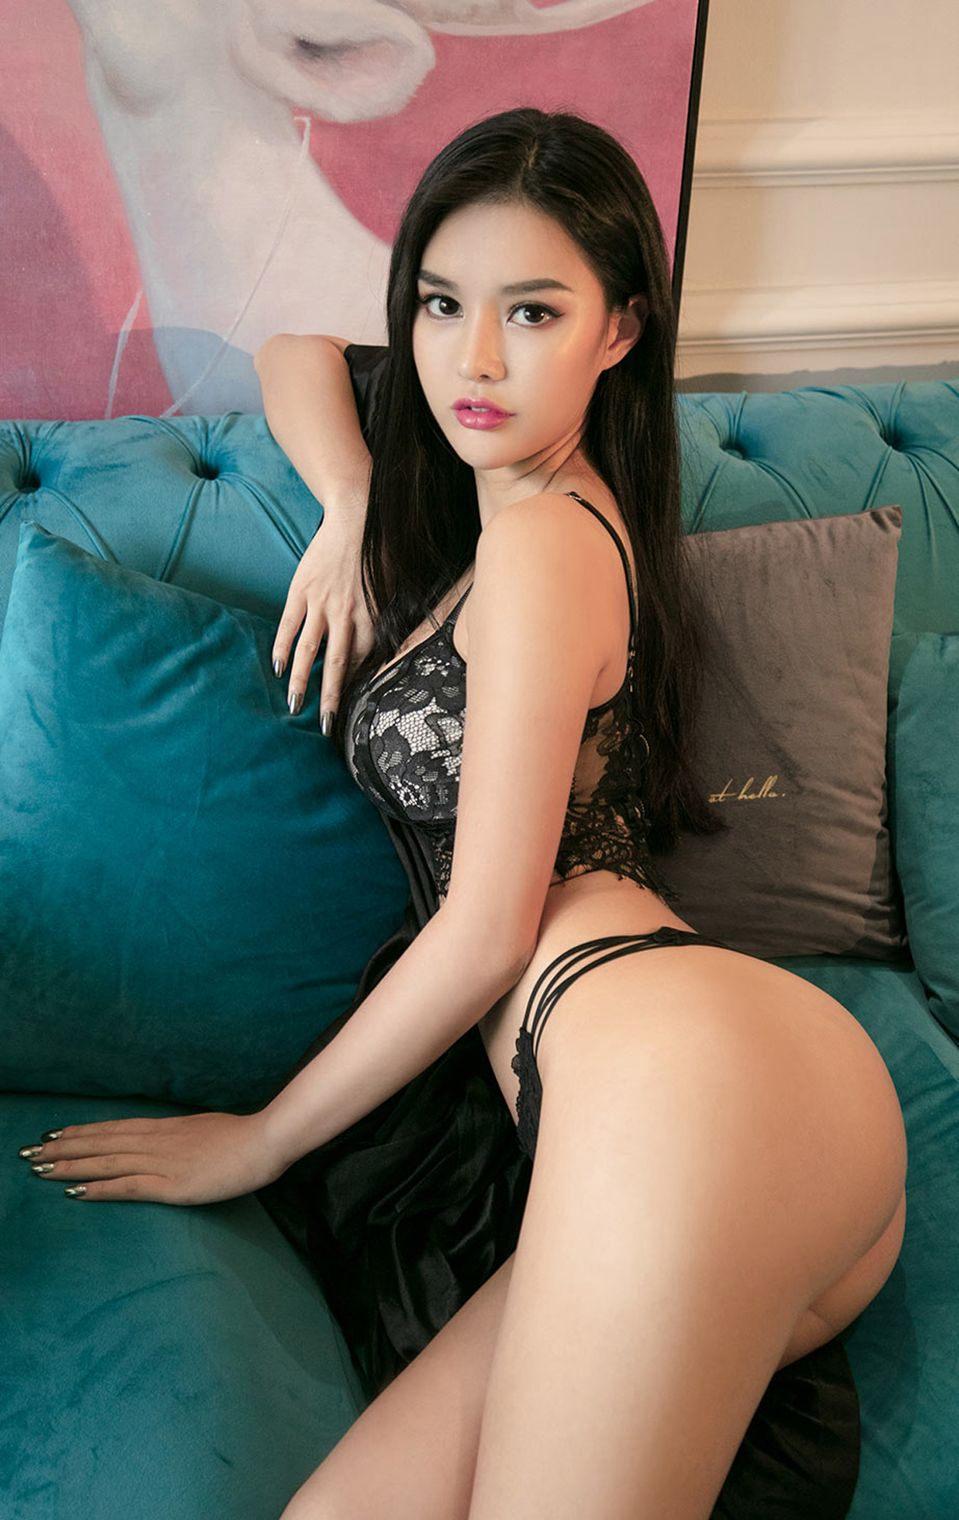 色妹妹Jenny超大美臀翘臀美女少妇诱惑丁字裤人体图片